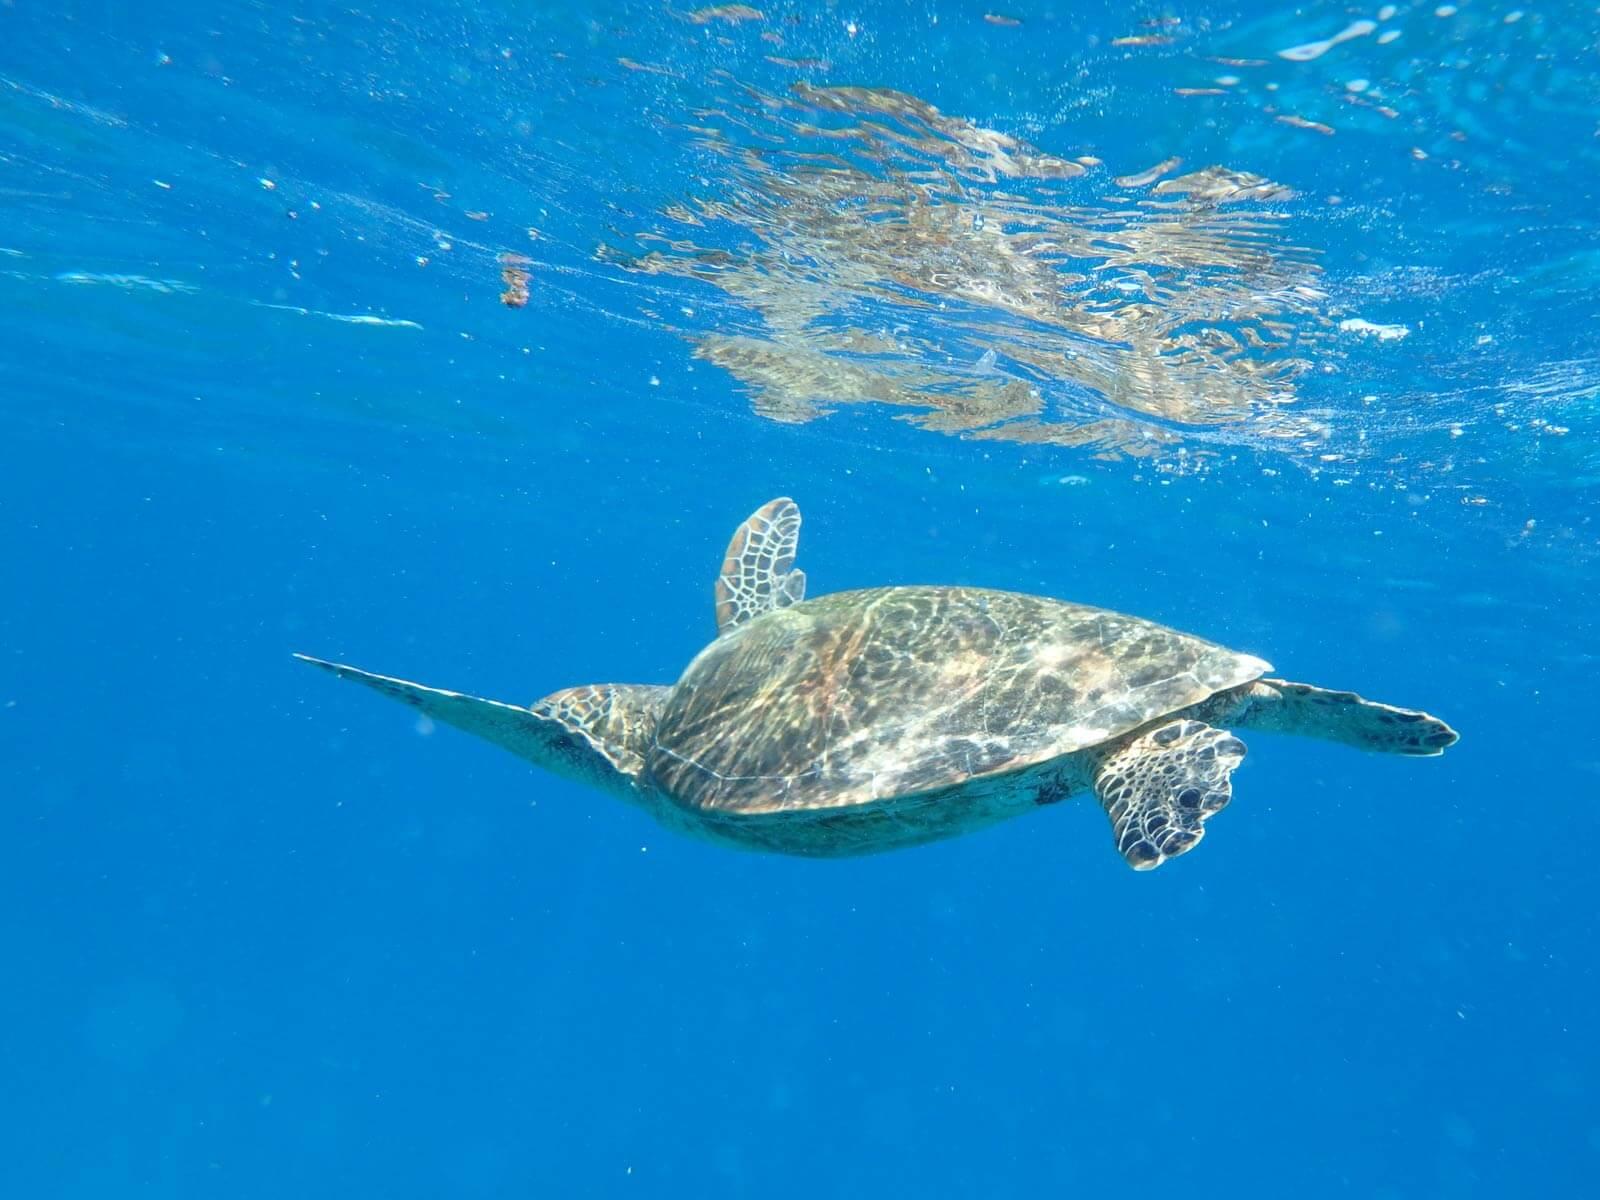 Meeresschildkröte in Australien